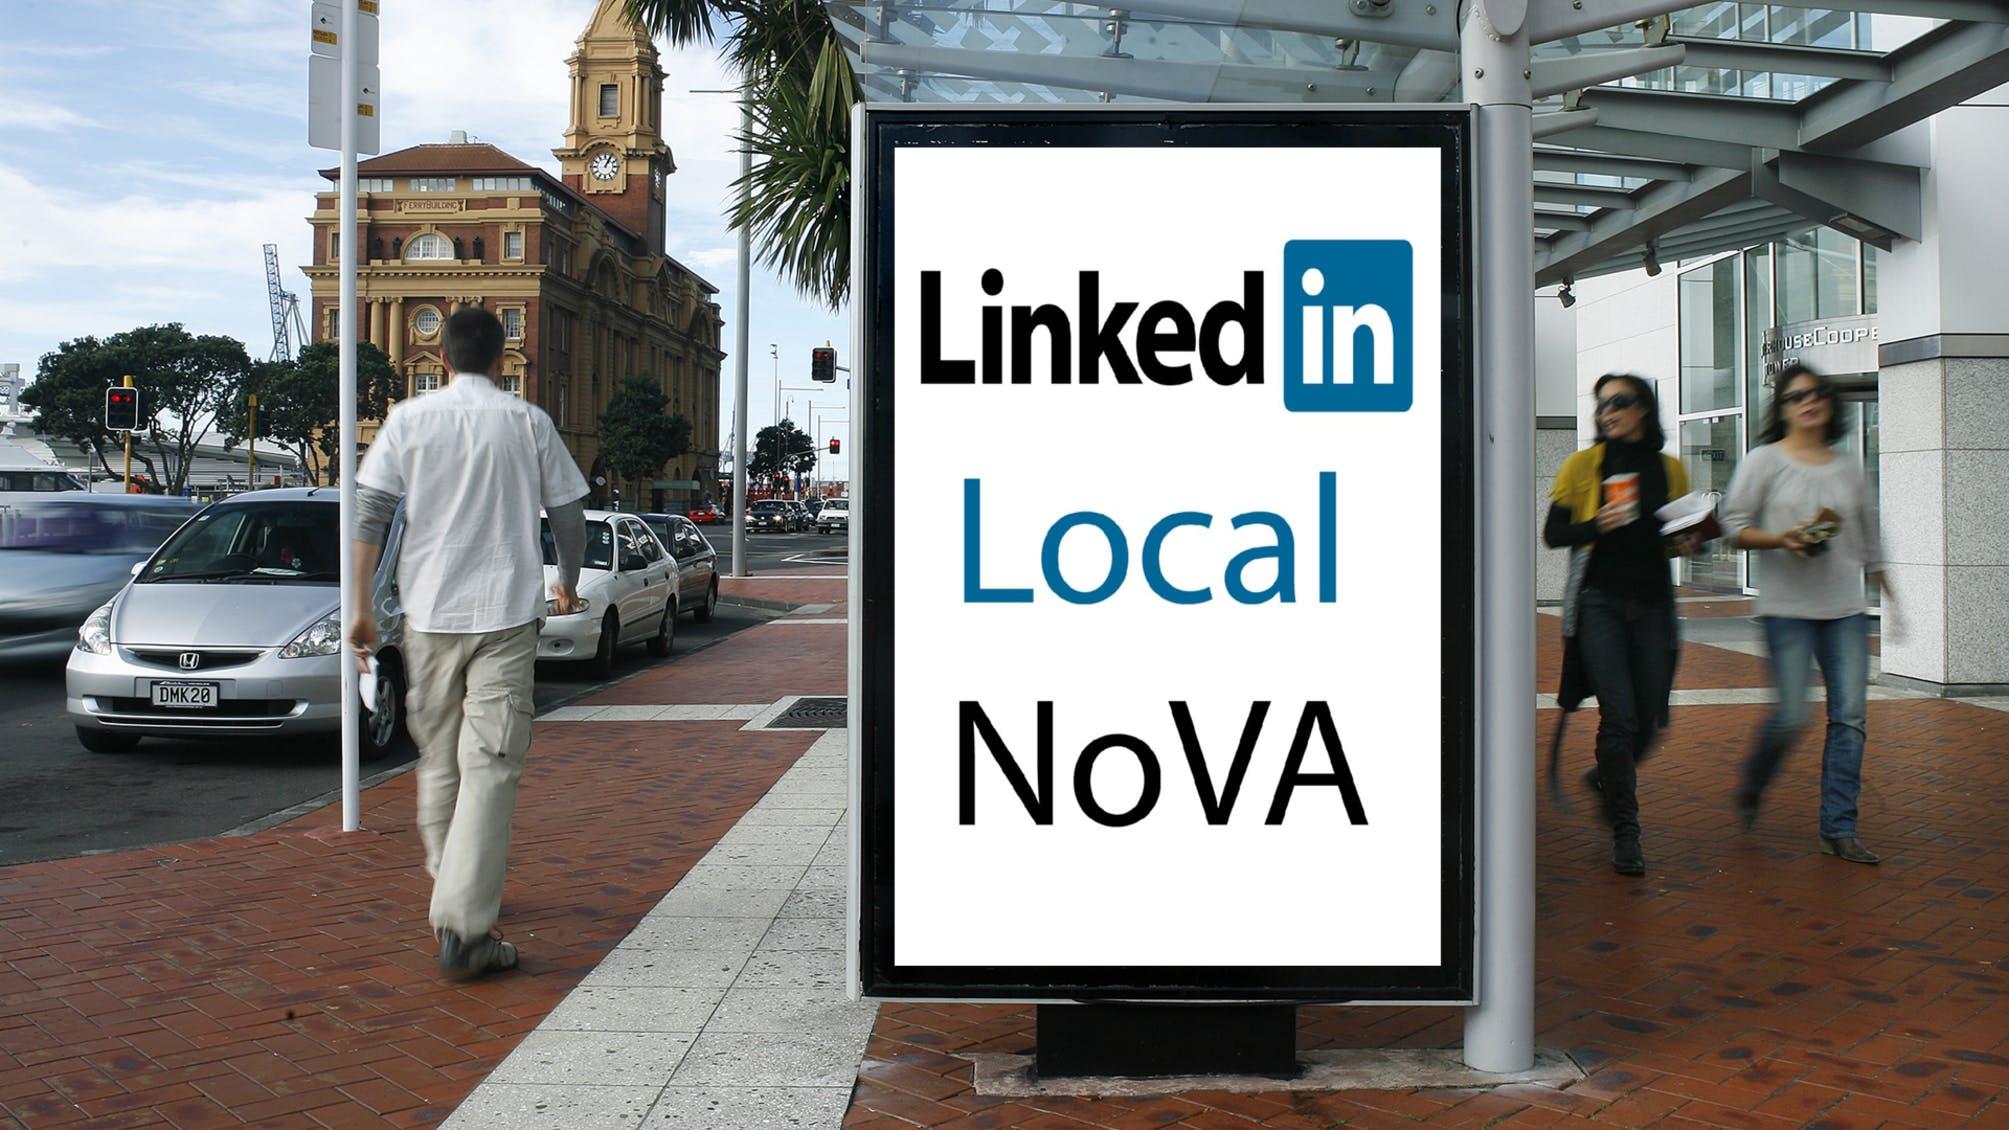 LinkedIn Local NOVA